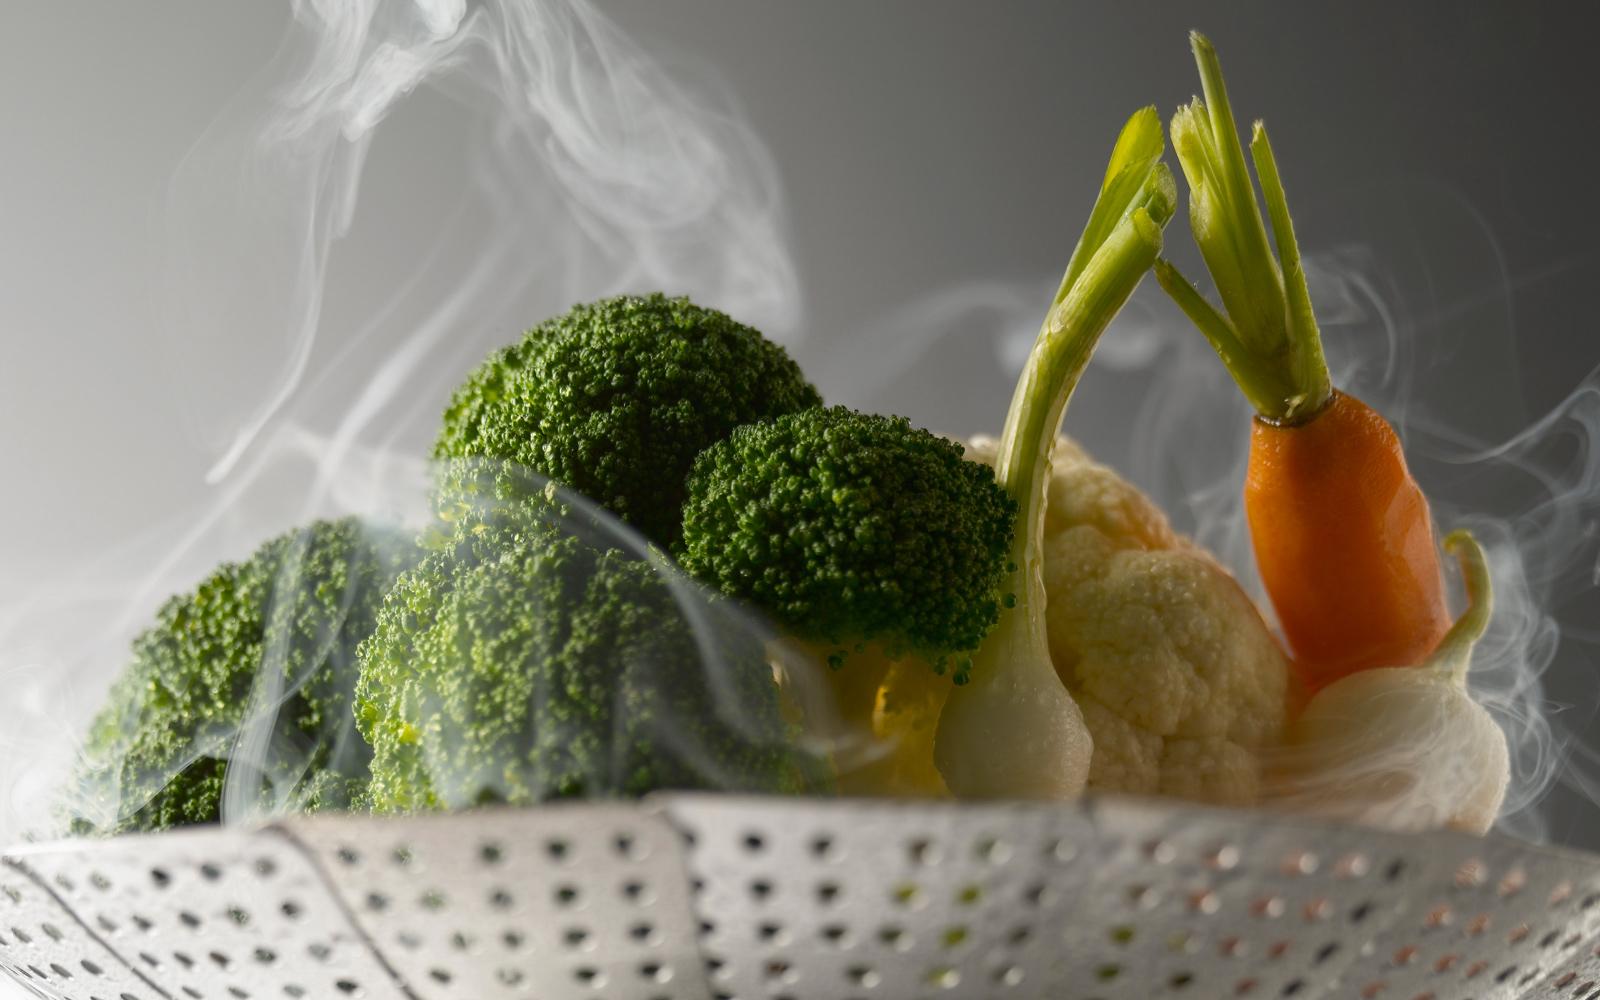 Cucina a vapore perch la migliore silhouette donna - Migliore cucina ...